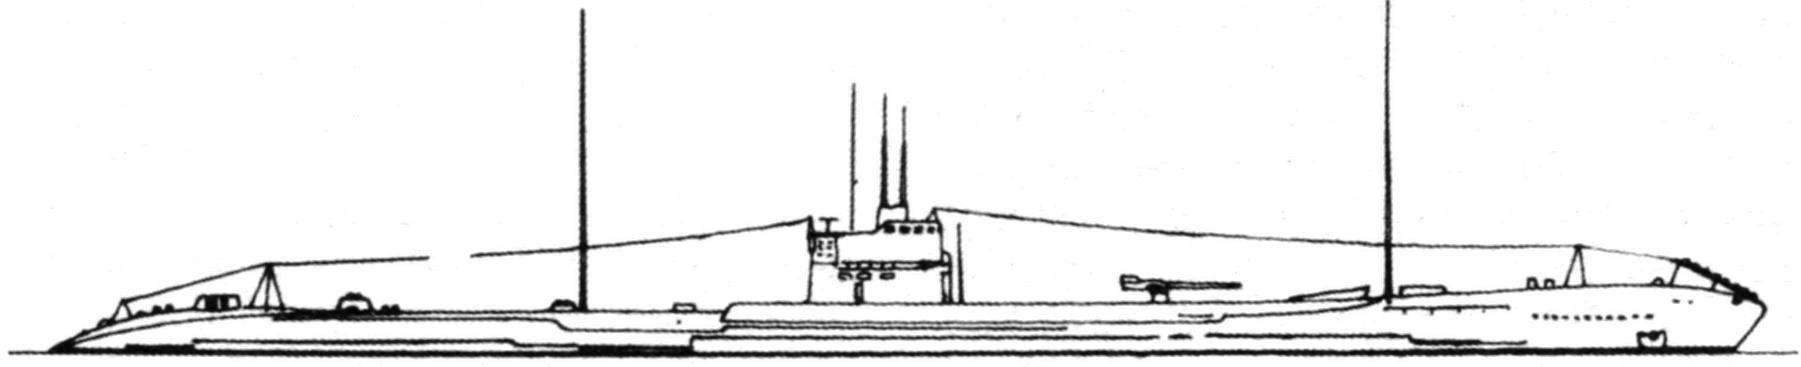 Подводная лодка №51 типа «Кайдай» (KD-2), Япония, 1925 г.